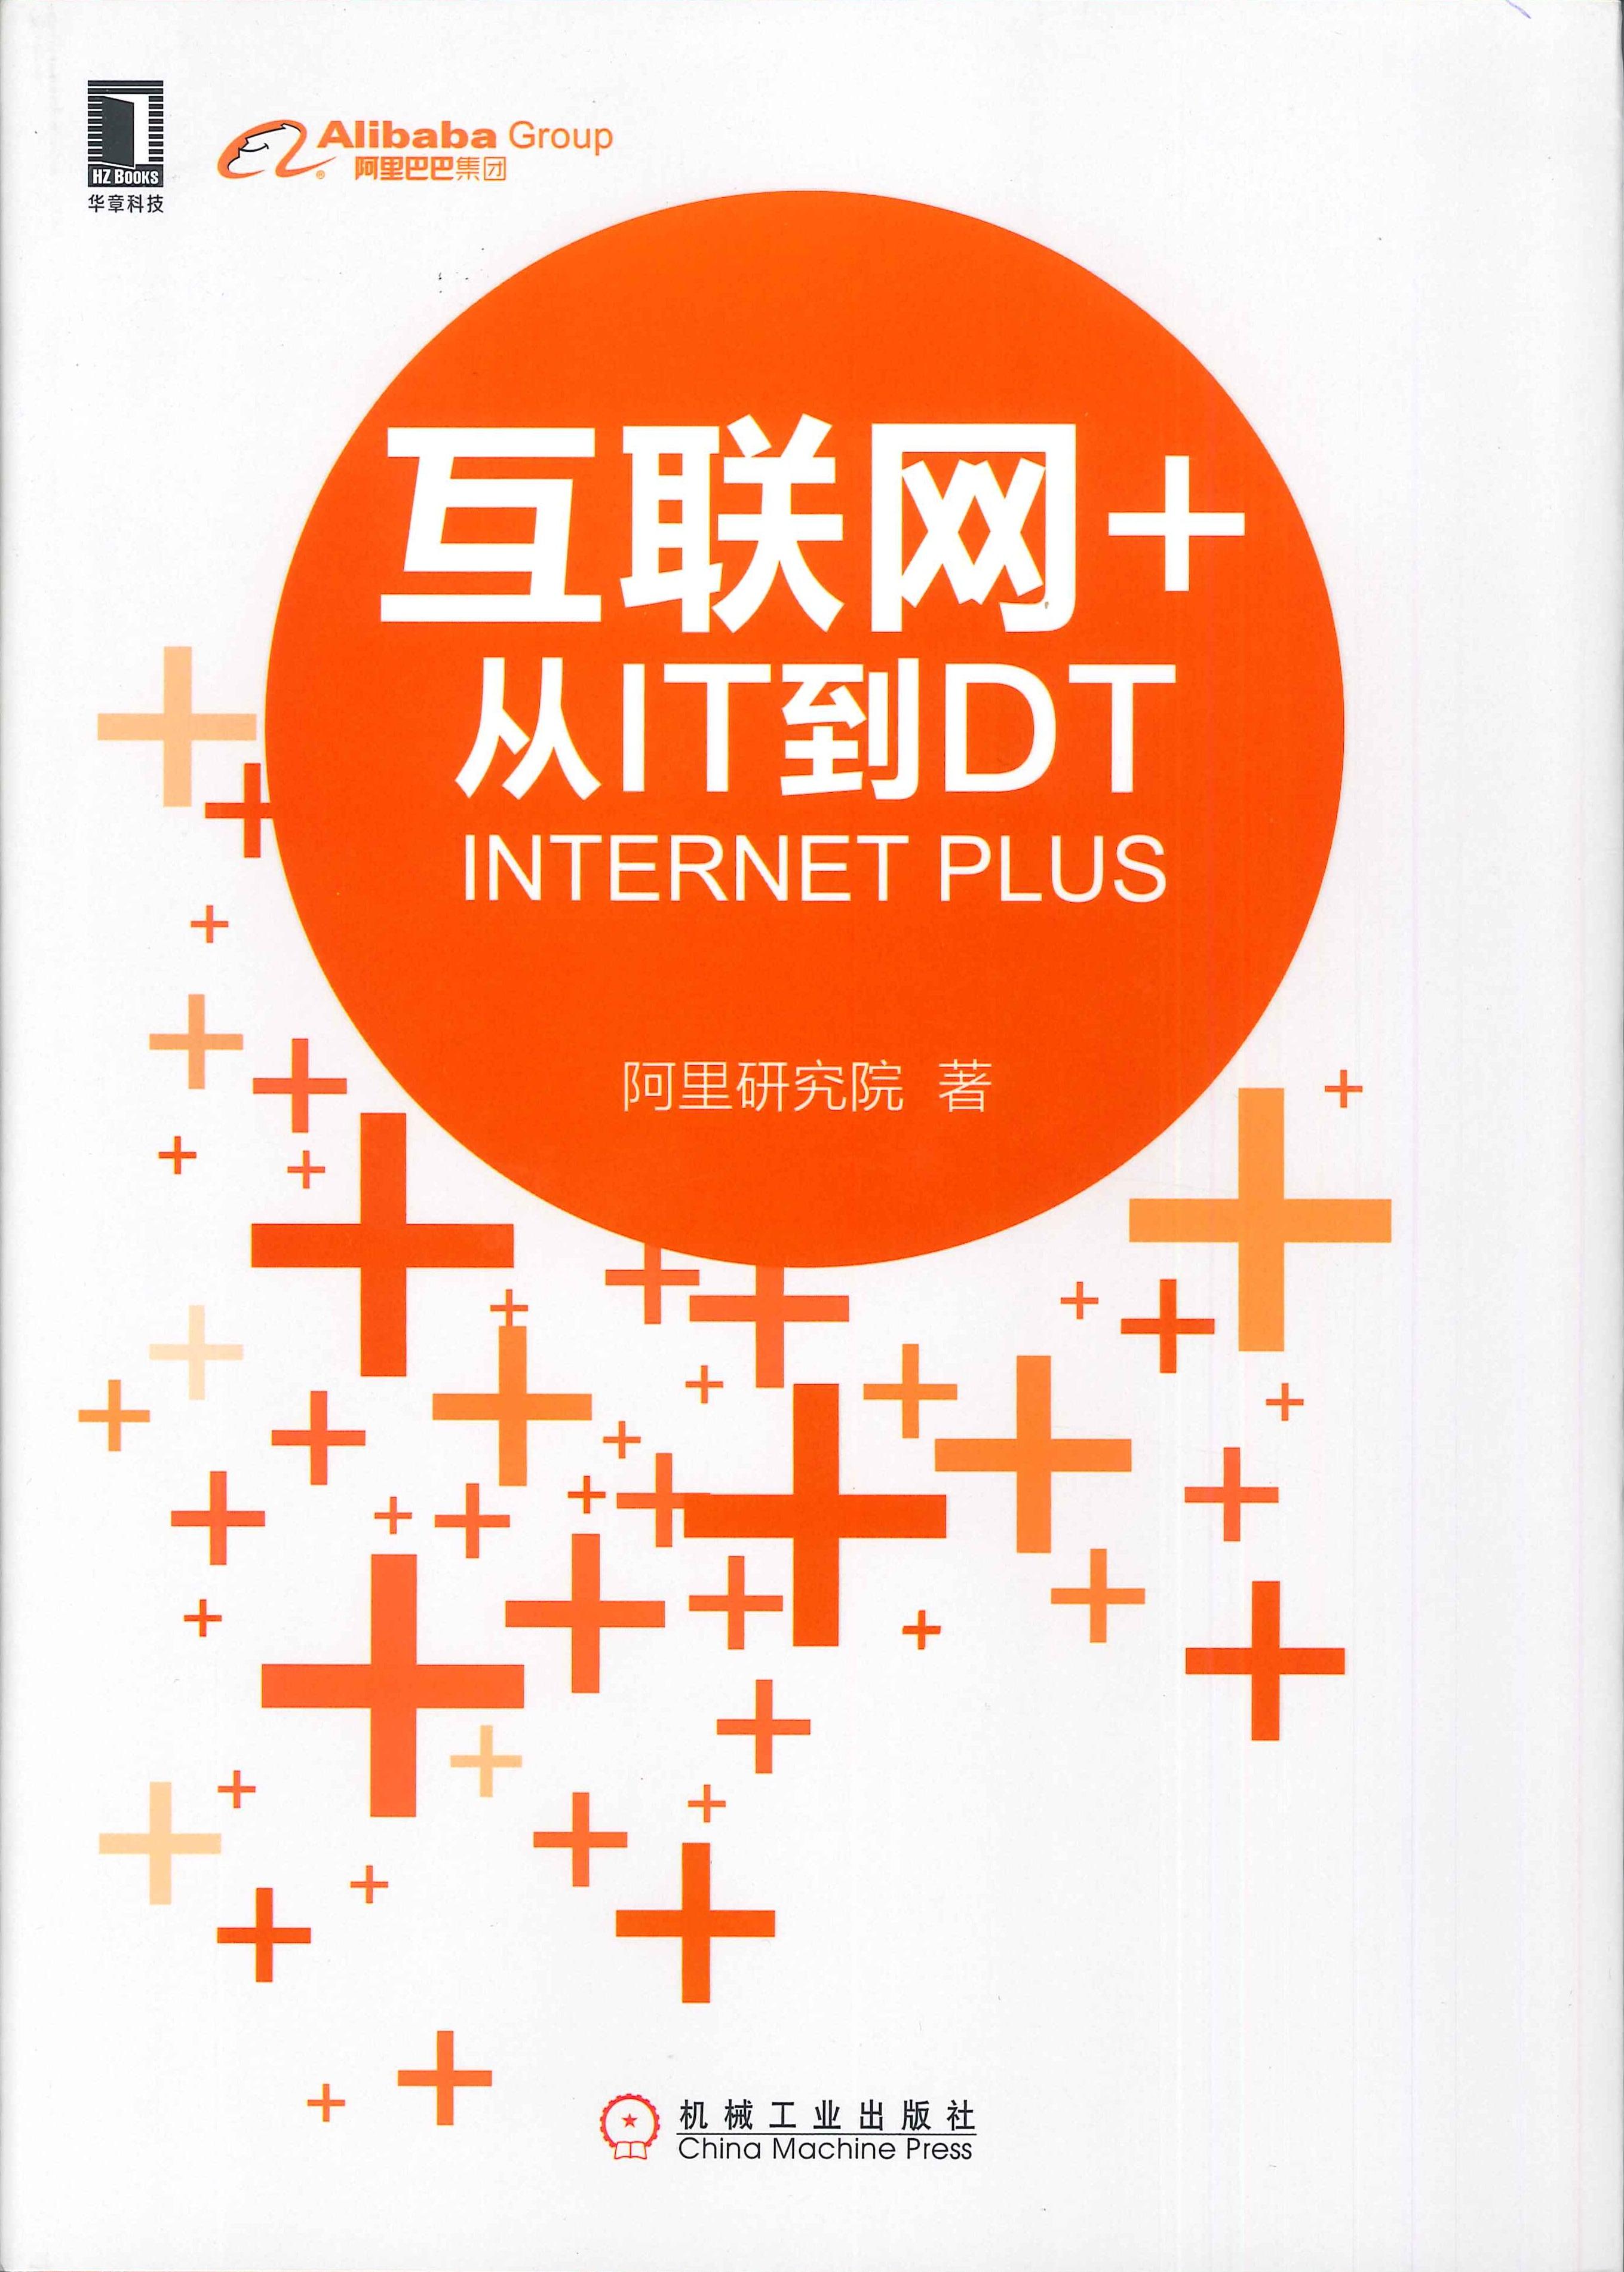 互联网+:从IT到DT=Internet plus